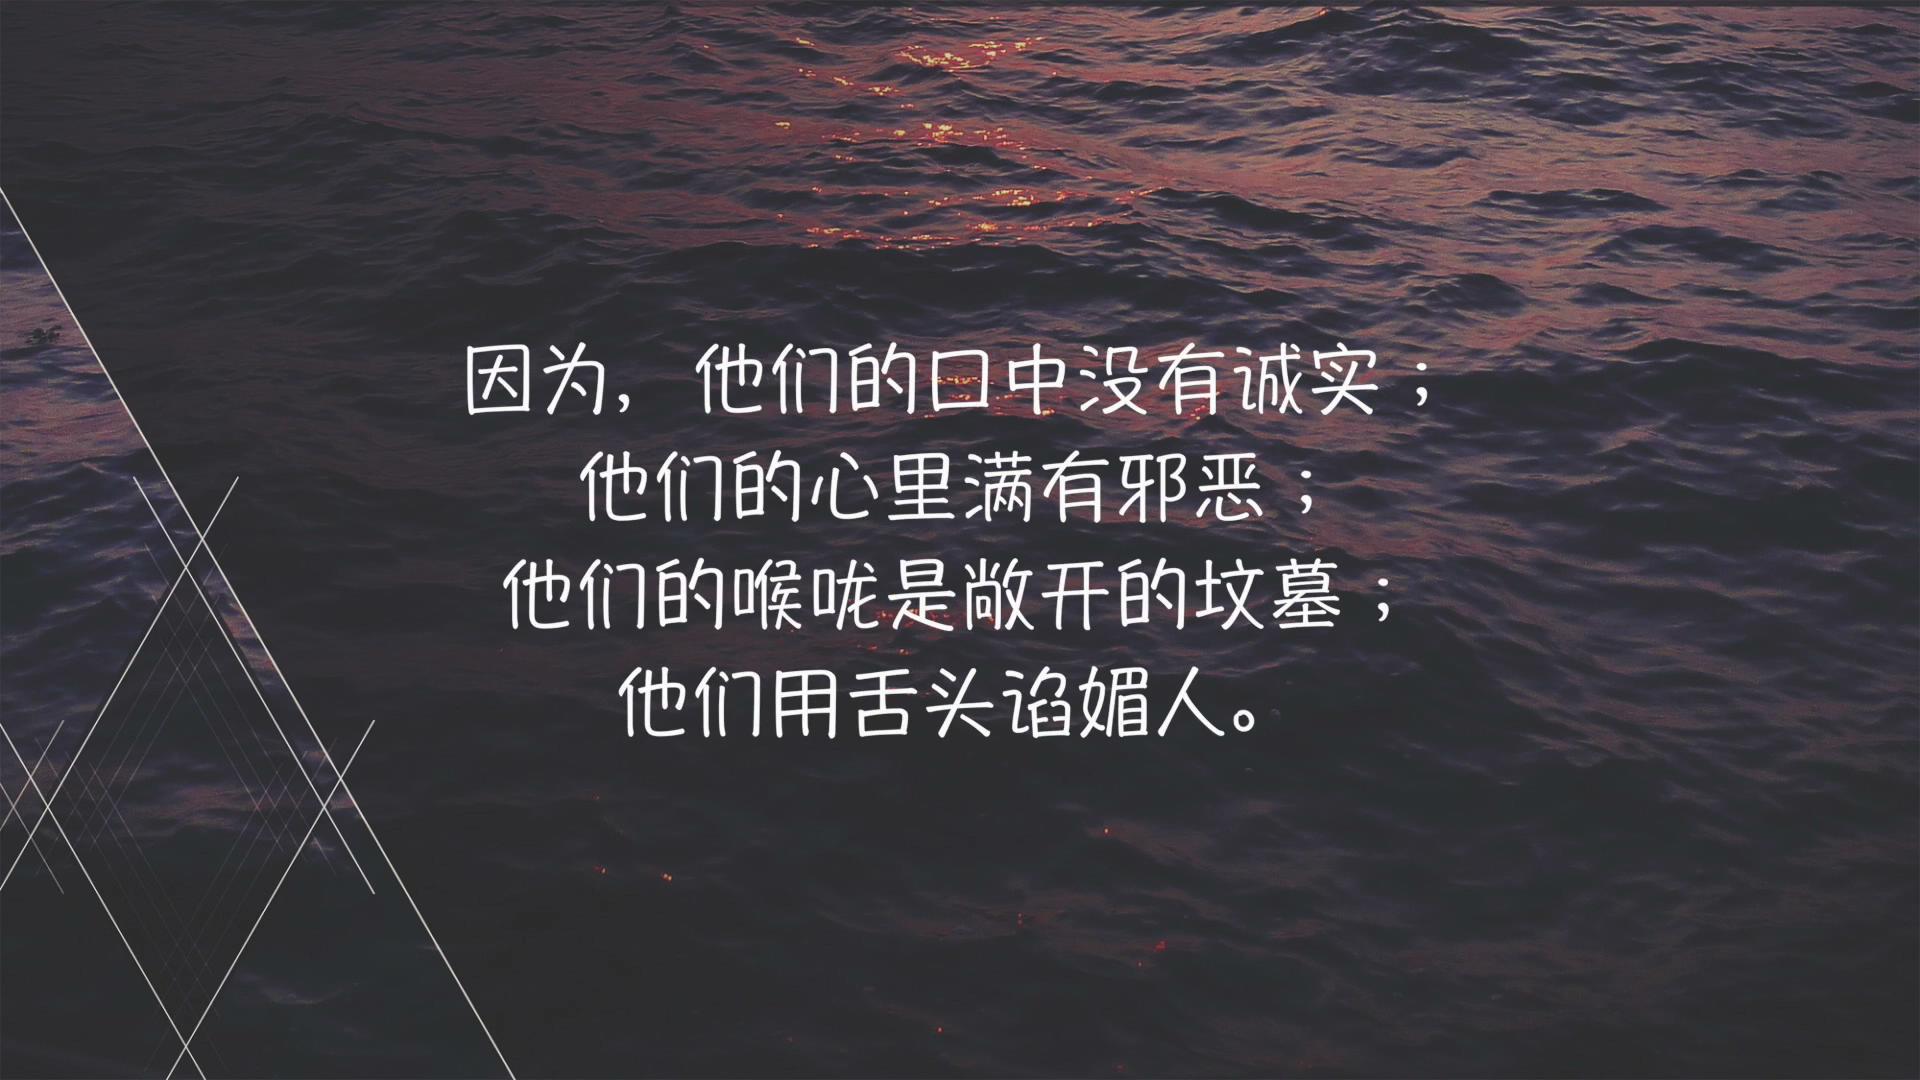 圣经三分钟 诗篇5续2_01_20180614223341.JPG